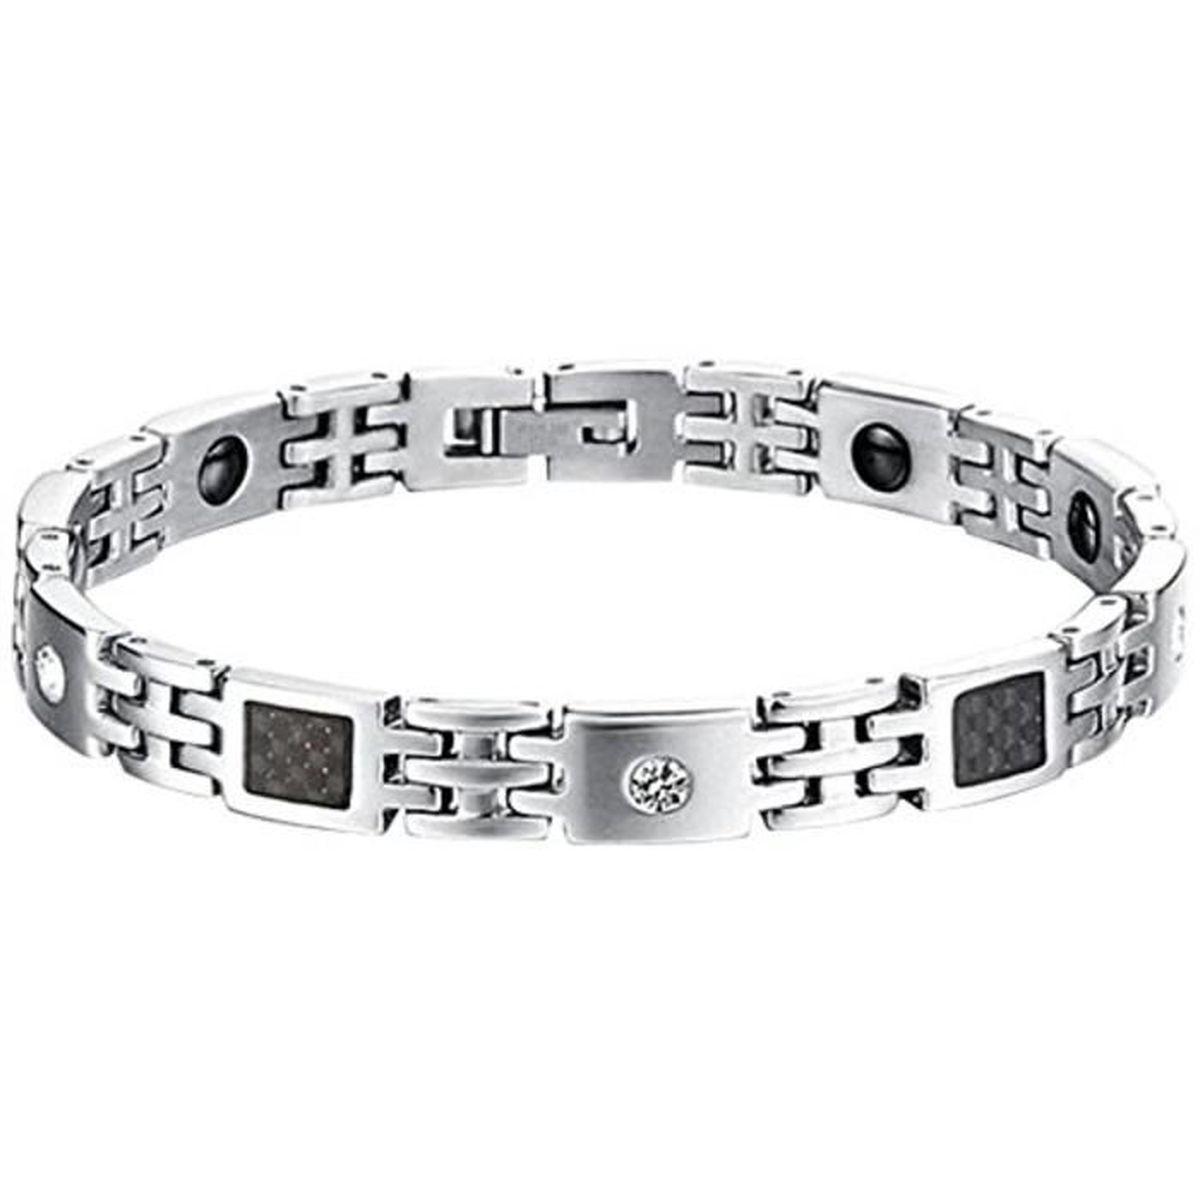 Bracelet Fibre Magnétique Saint Noir Femme Bijoux De Carbone yvf76Ybg